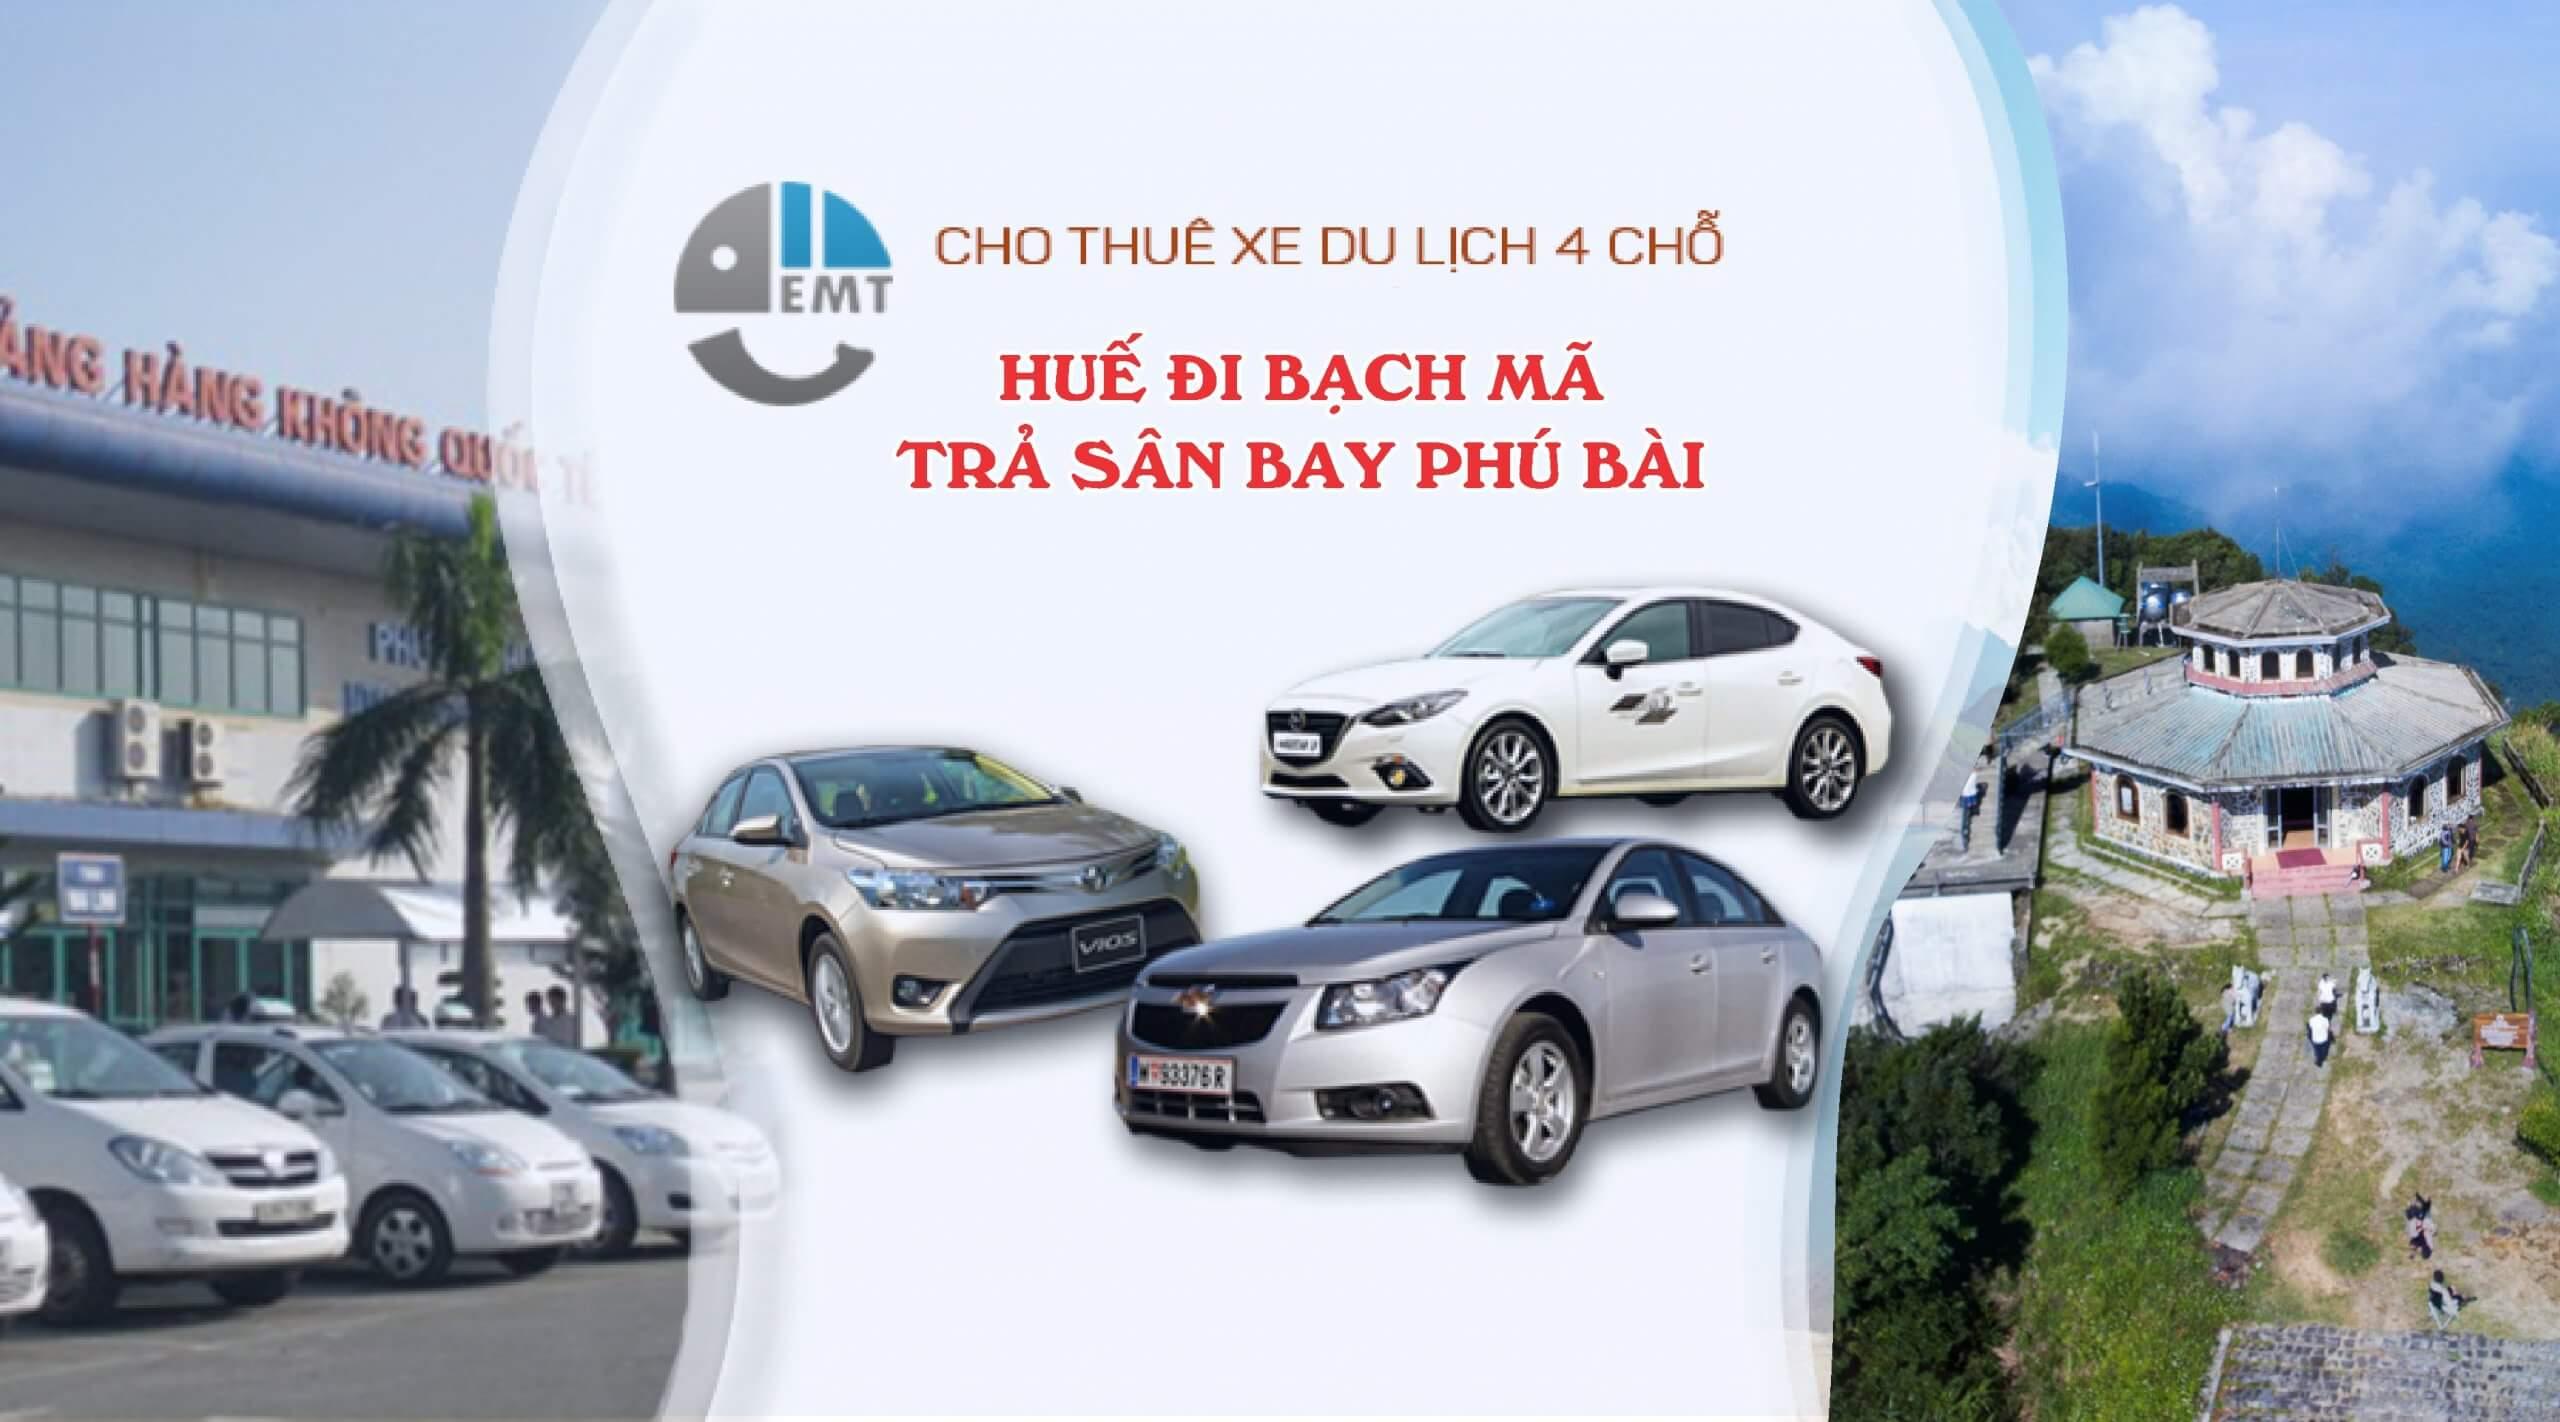 Cho thuê xe 4 chỗ Huế đi Bạch Mã trả sân bay Phú Bài